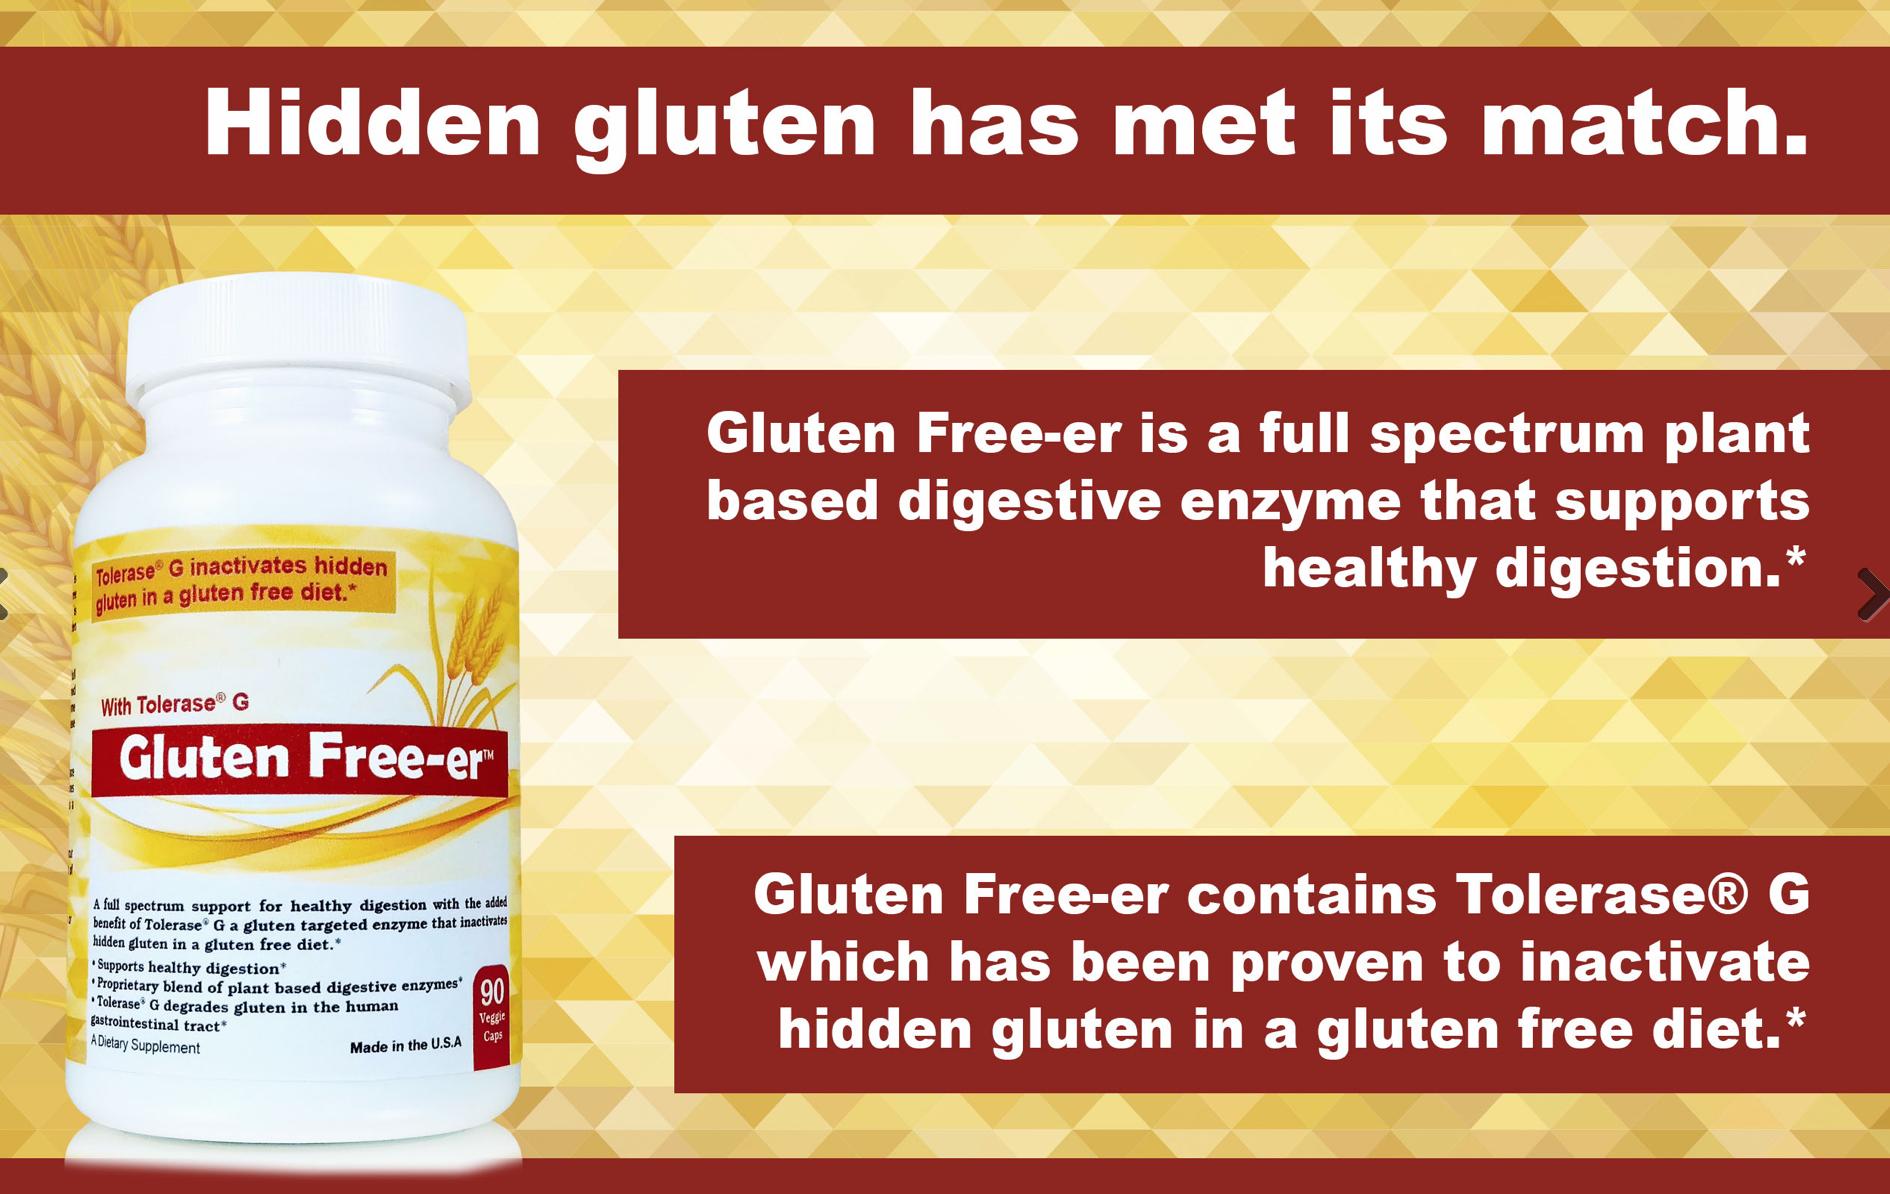 Gluten Free-er Gluten Supplement / Enzyme